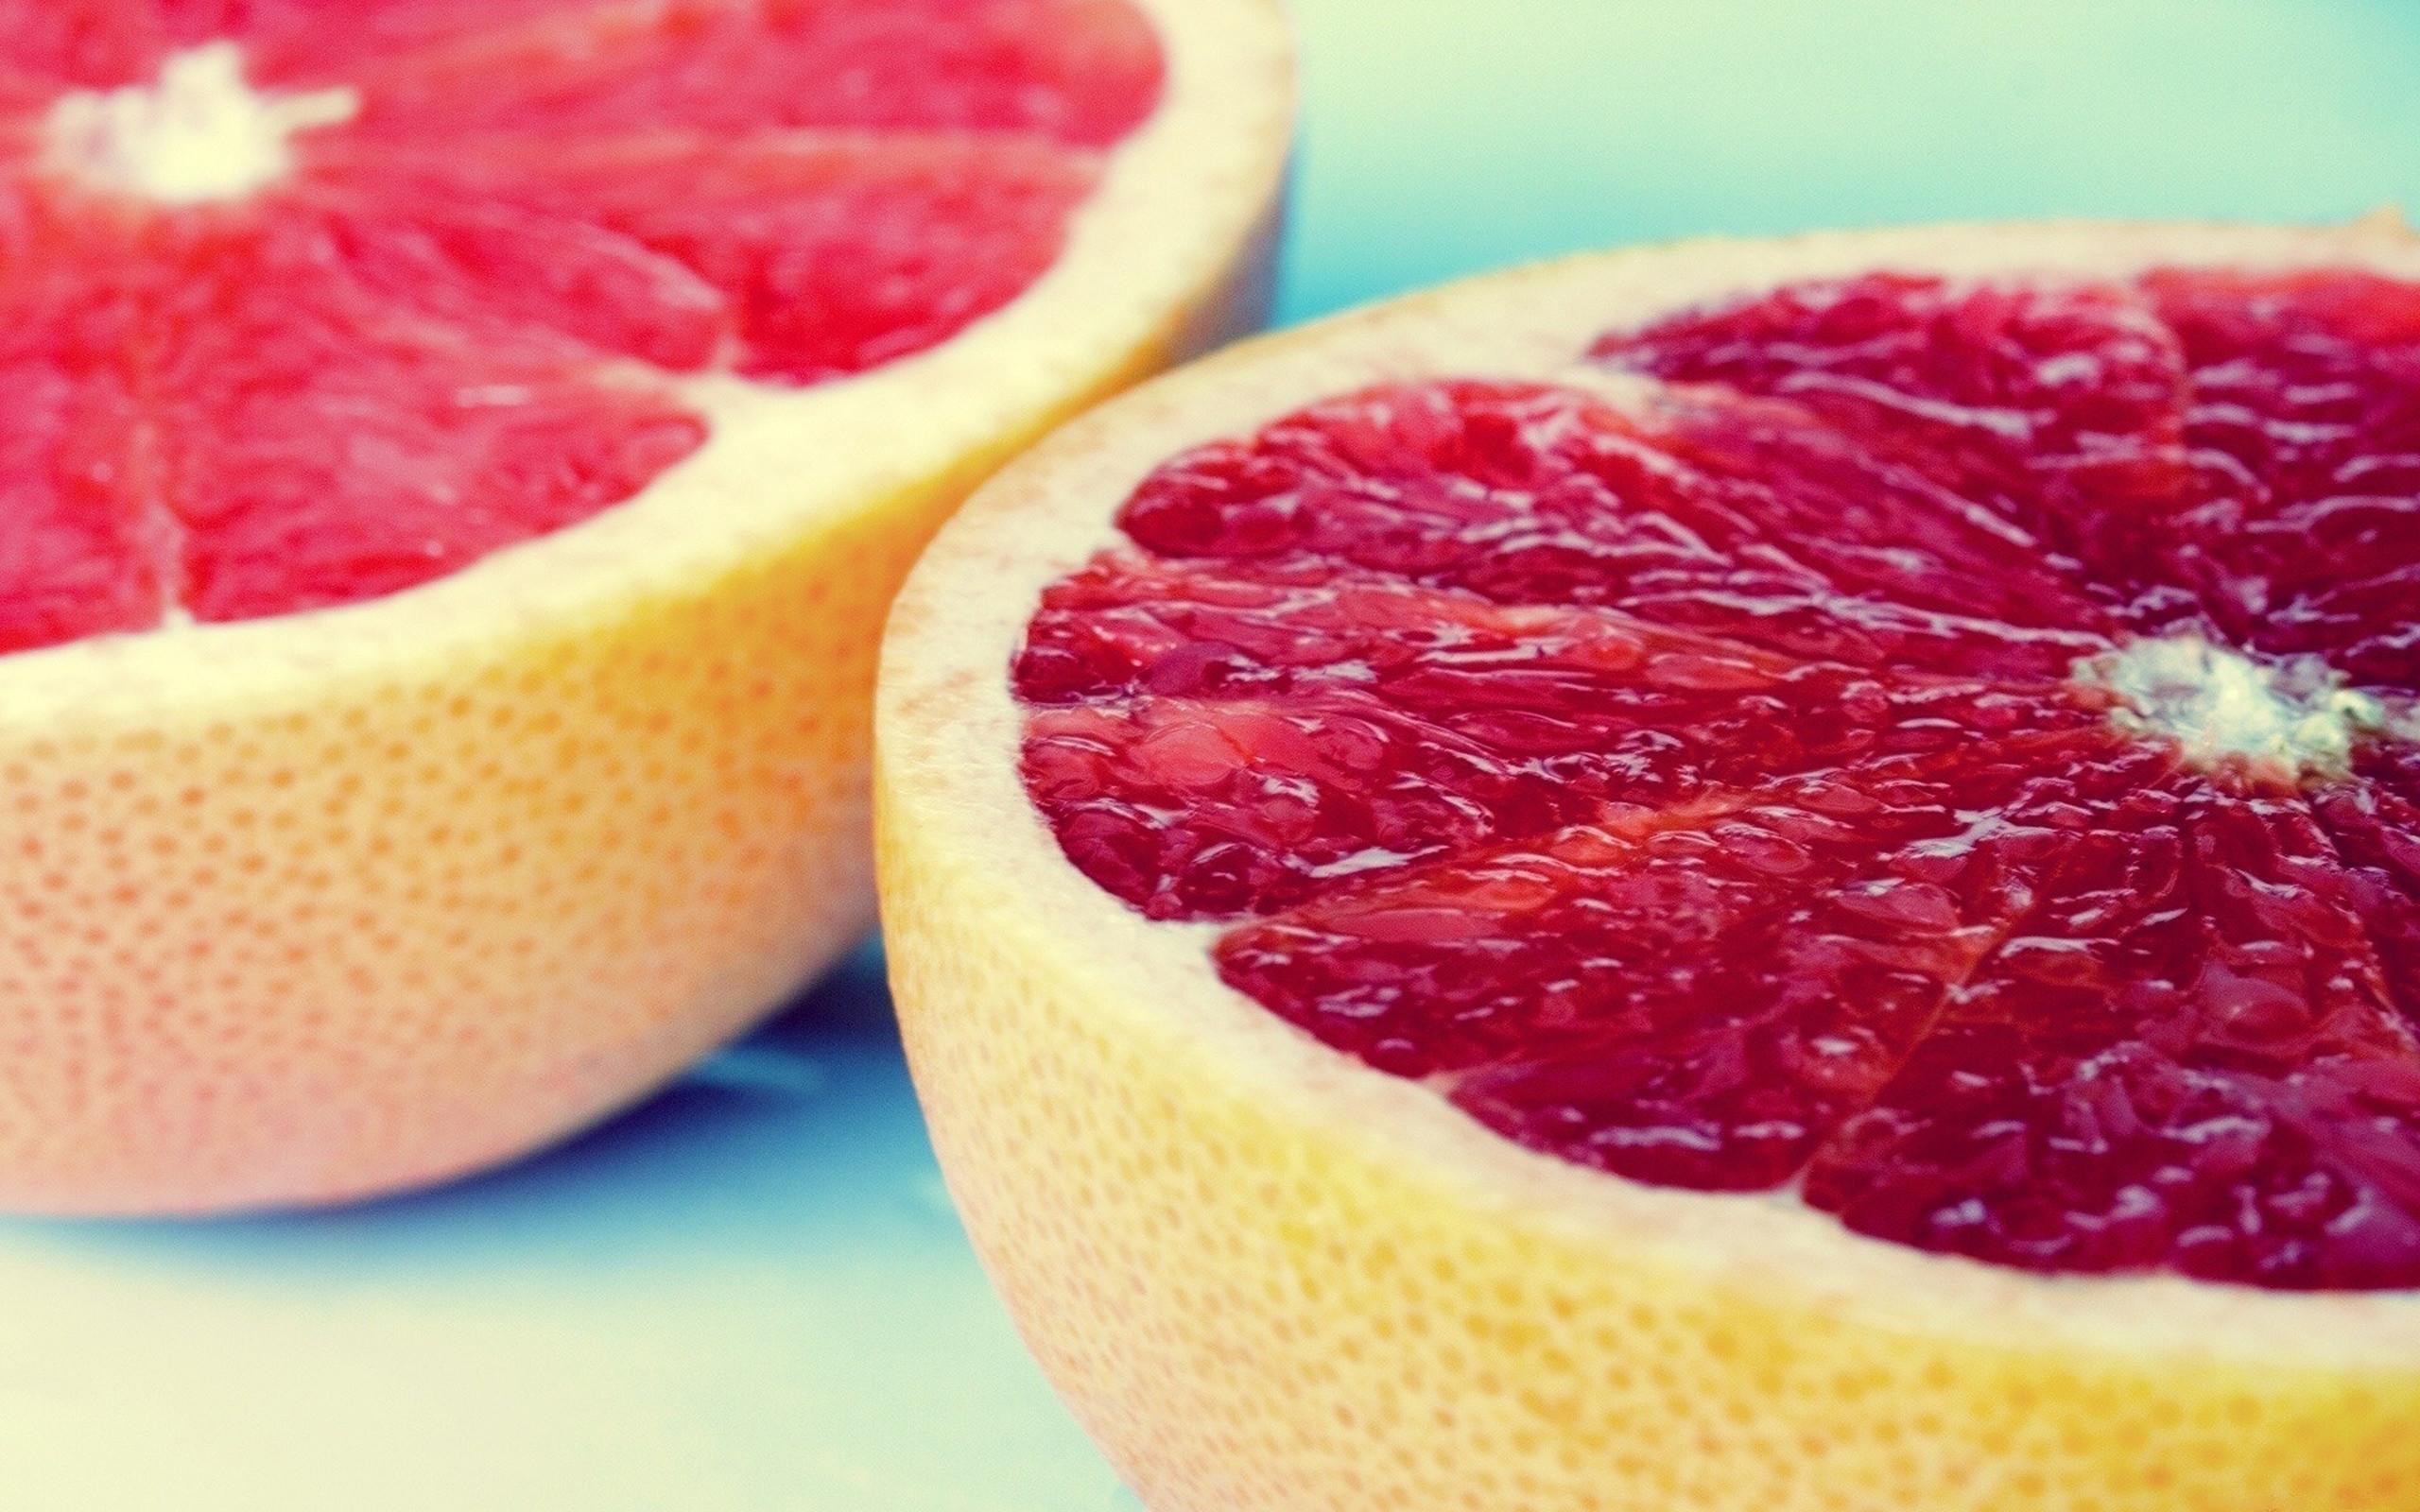 grapefruit background 38883